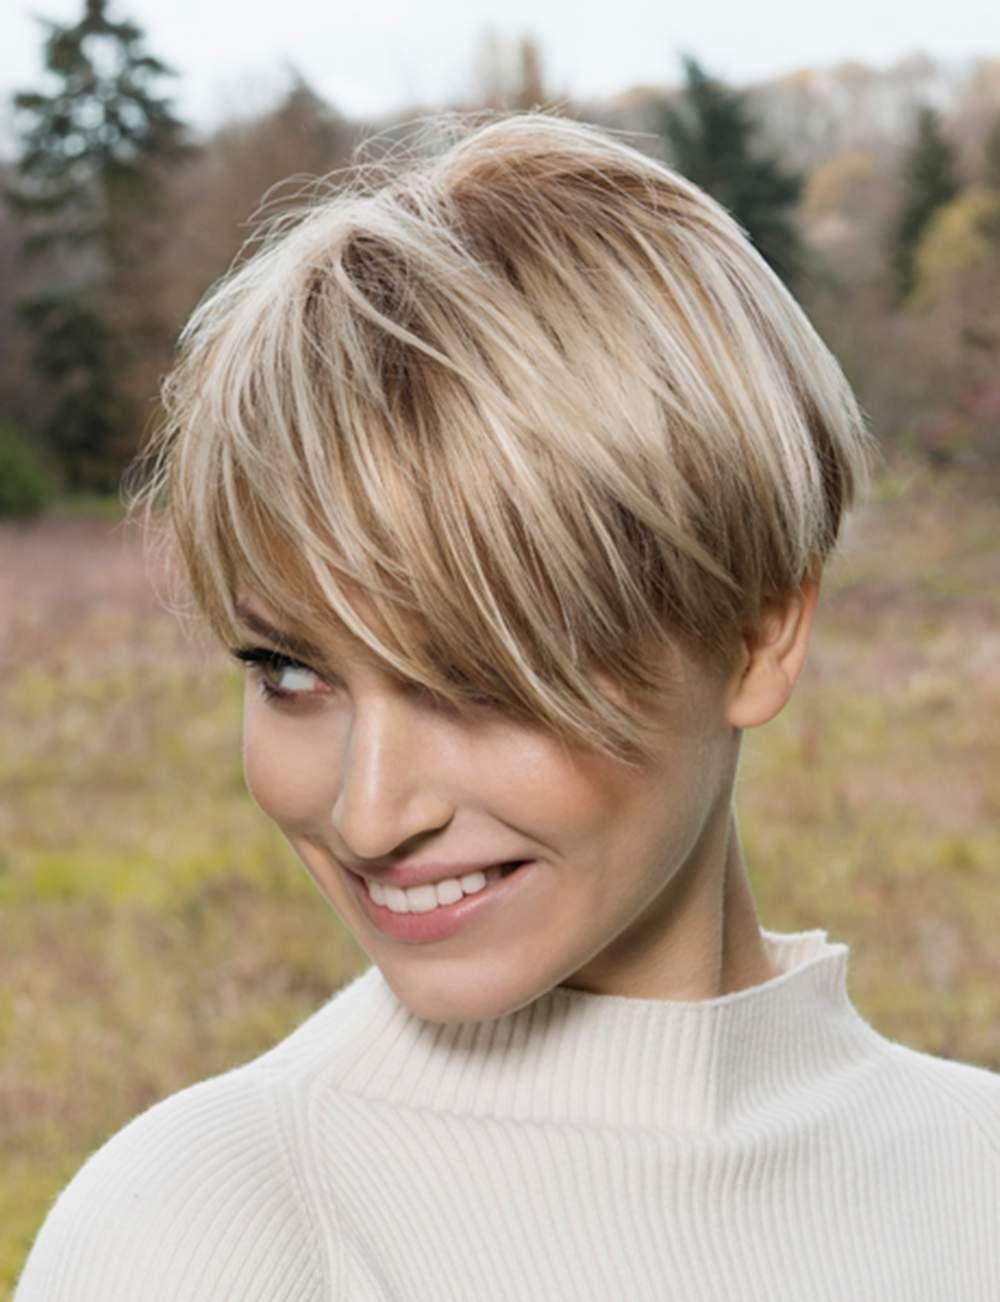 Les coupes de cheveux à adopter à 30 et 40 ans | Coupe de cheveux, Coiffures cheveux courts ...